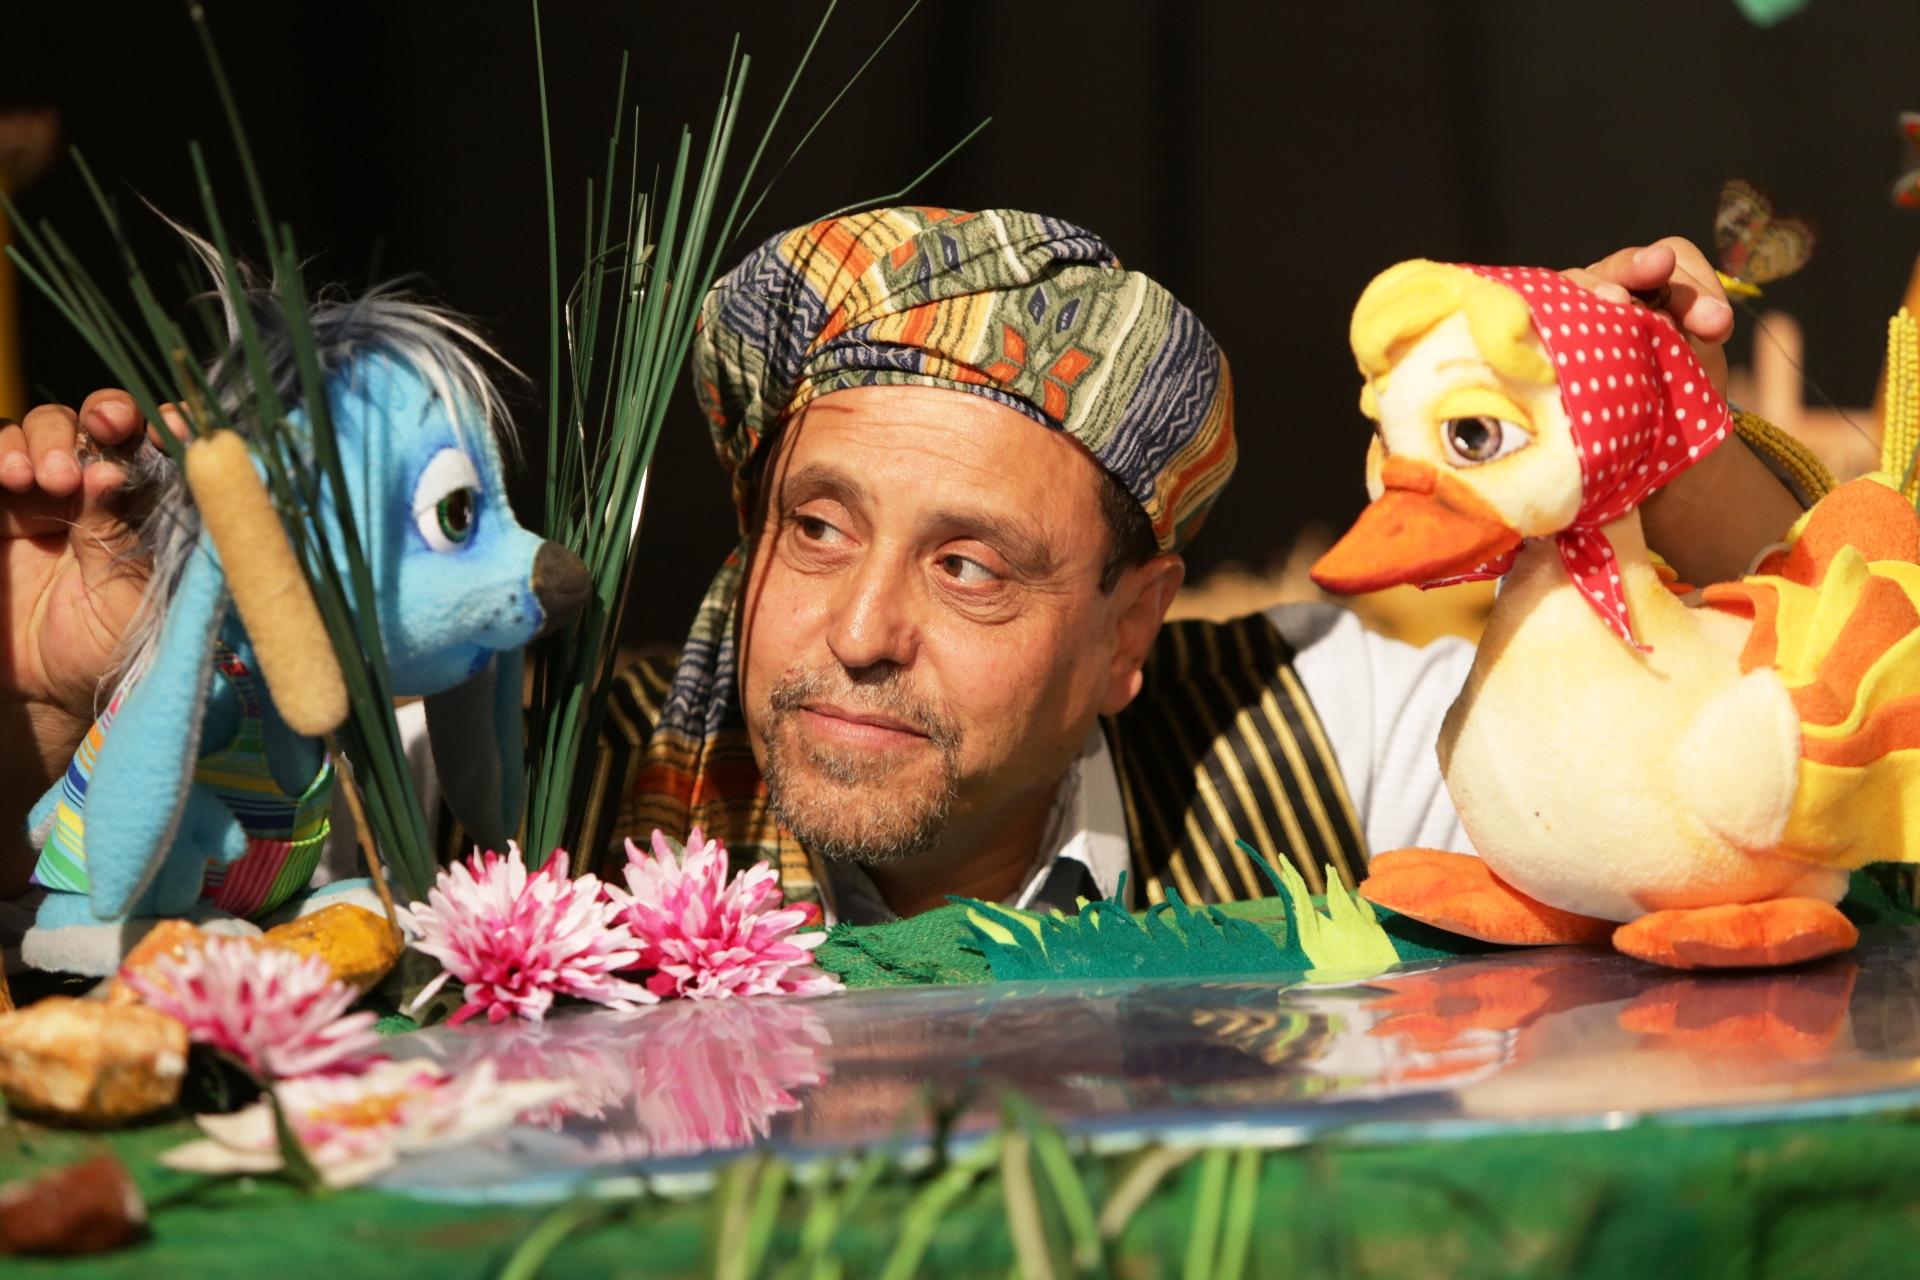 Международный фестиваль кукольных театров в Иерусалиме в этом году отмечает свое 25-летие.